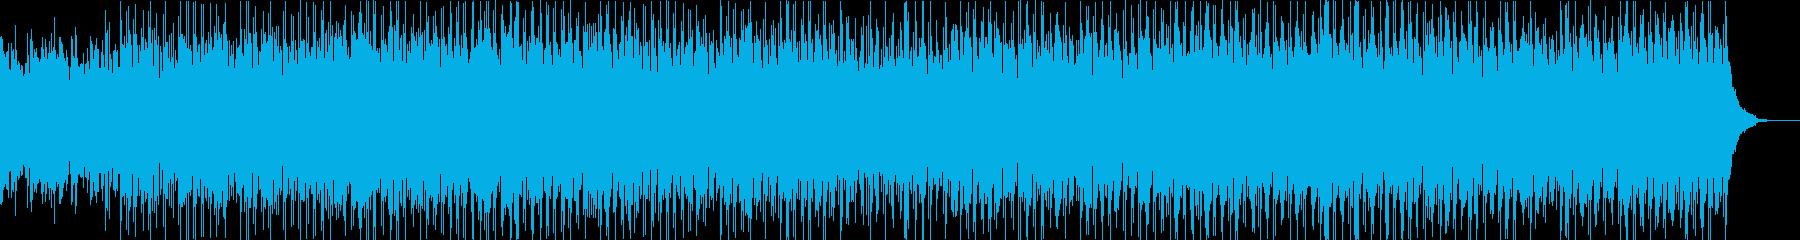 ピュアでキュートなオリジナルボサノバ曲の再生済みの波形